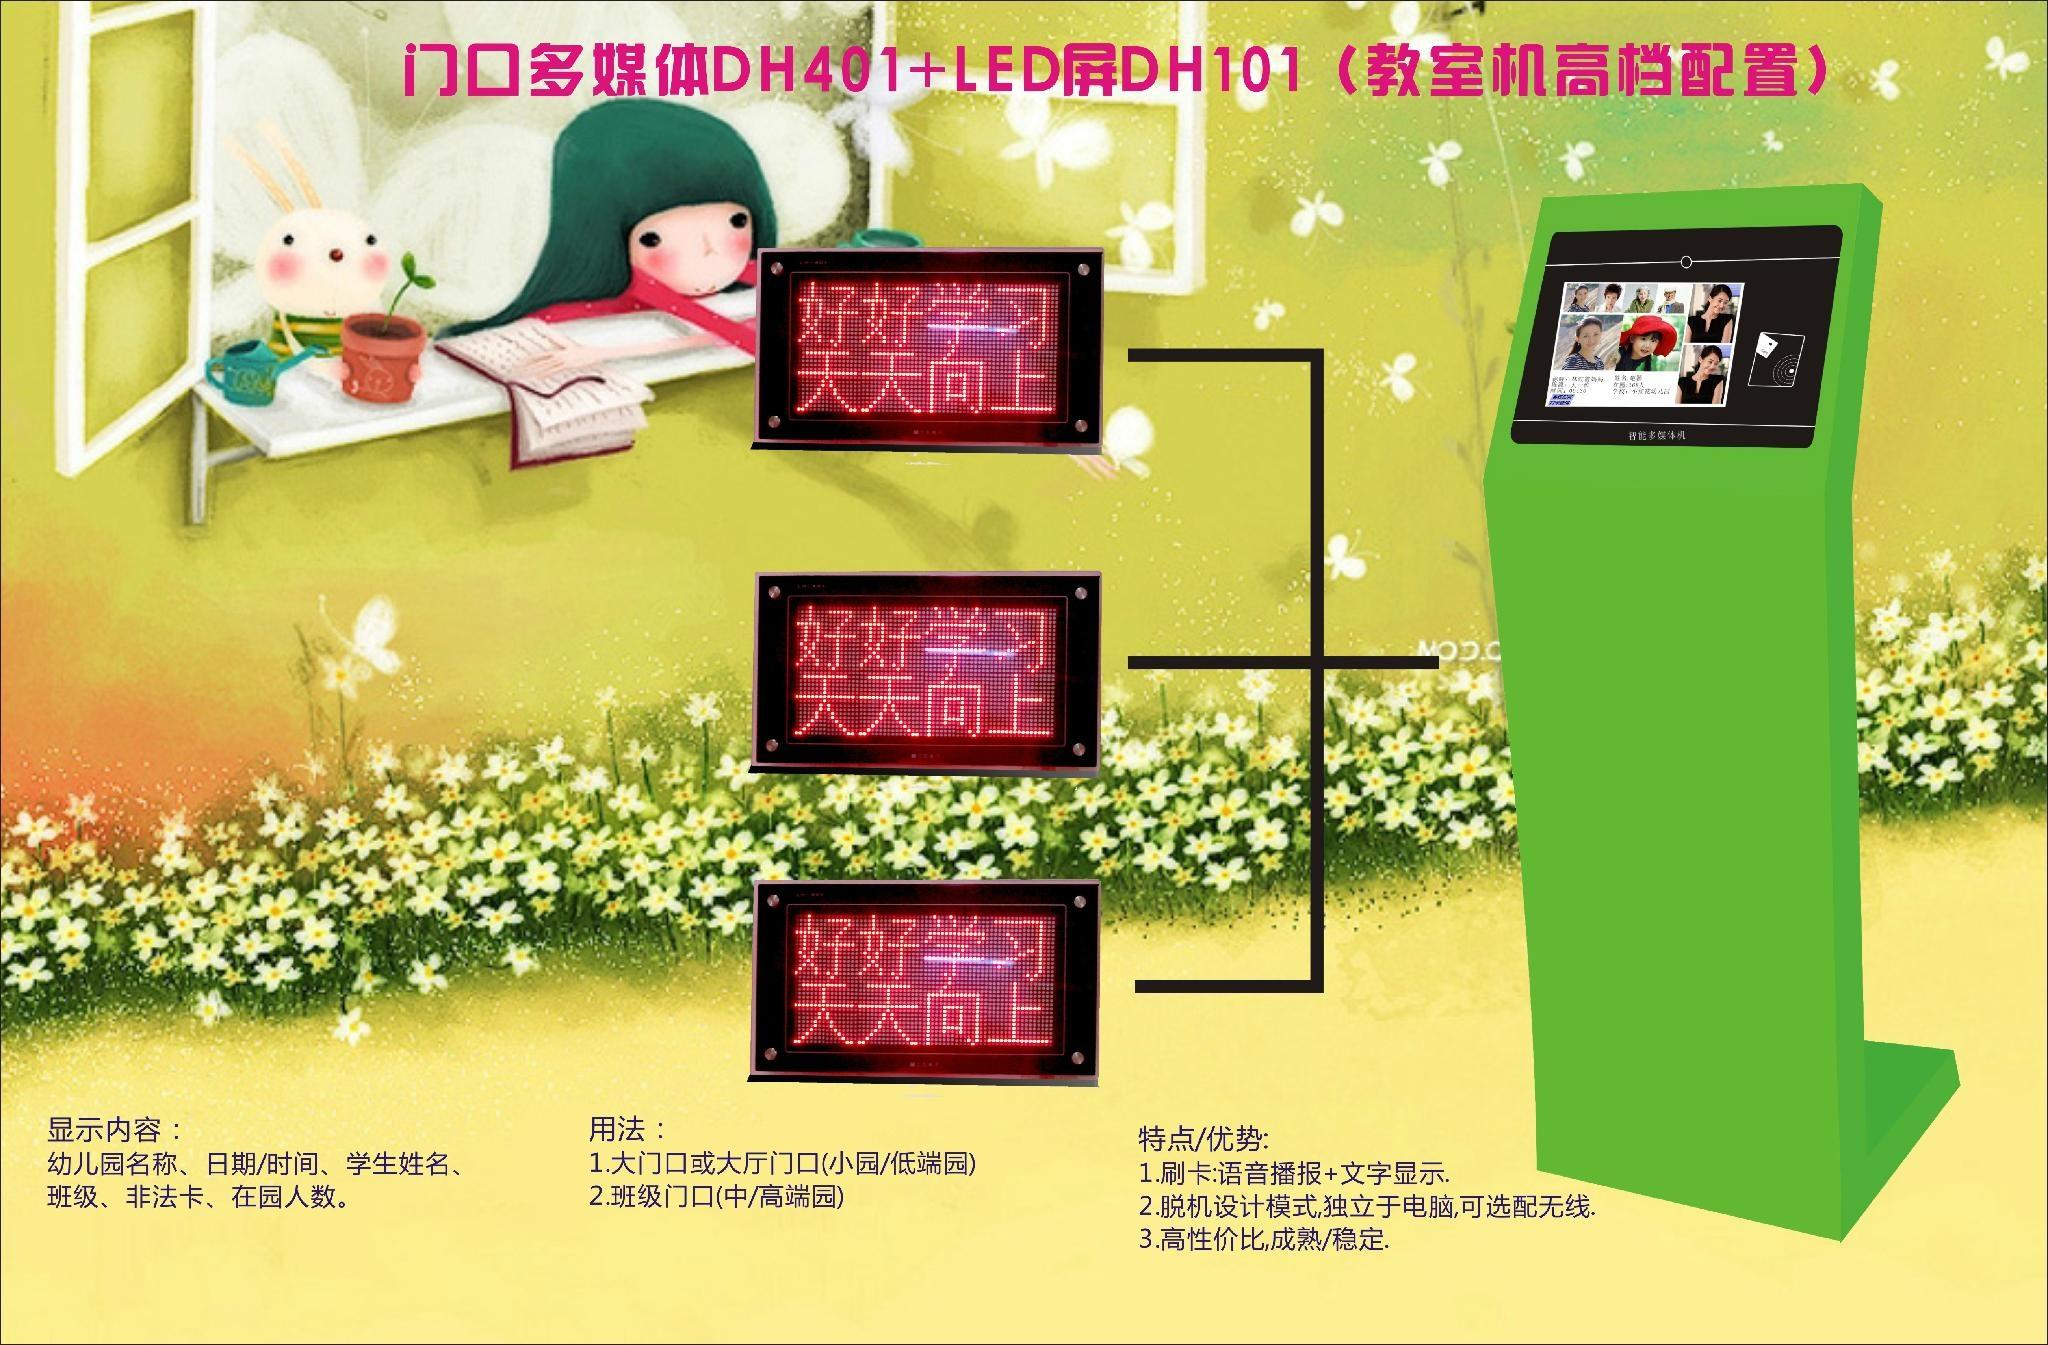 幼儿園教室機分區呼叫系統(LED屏顯示) 1